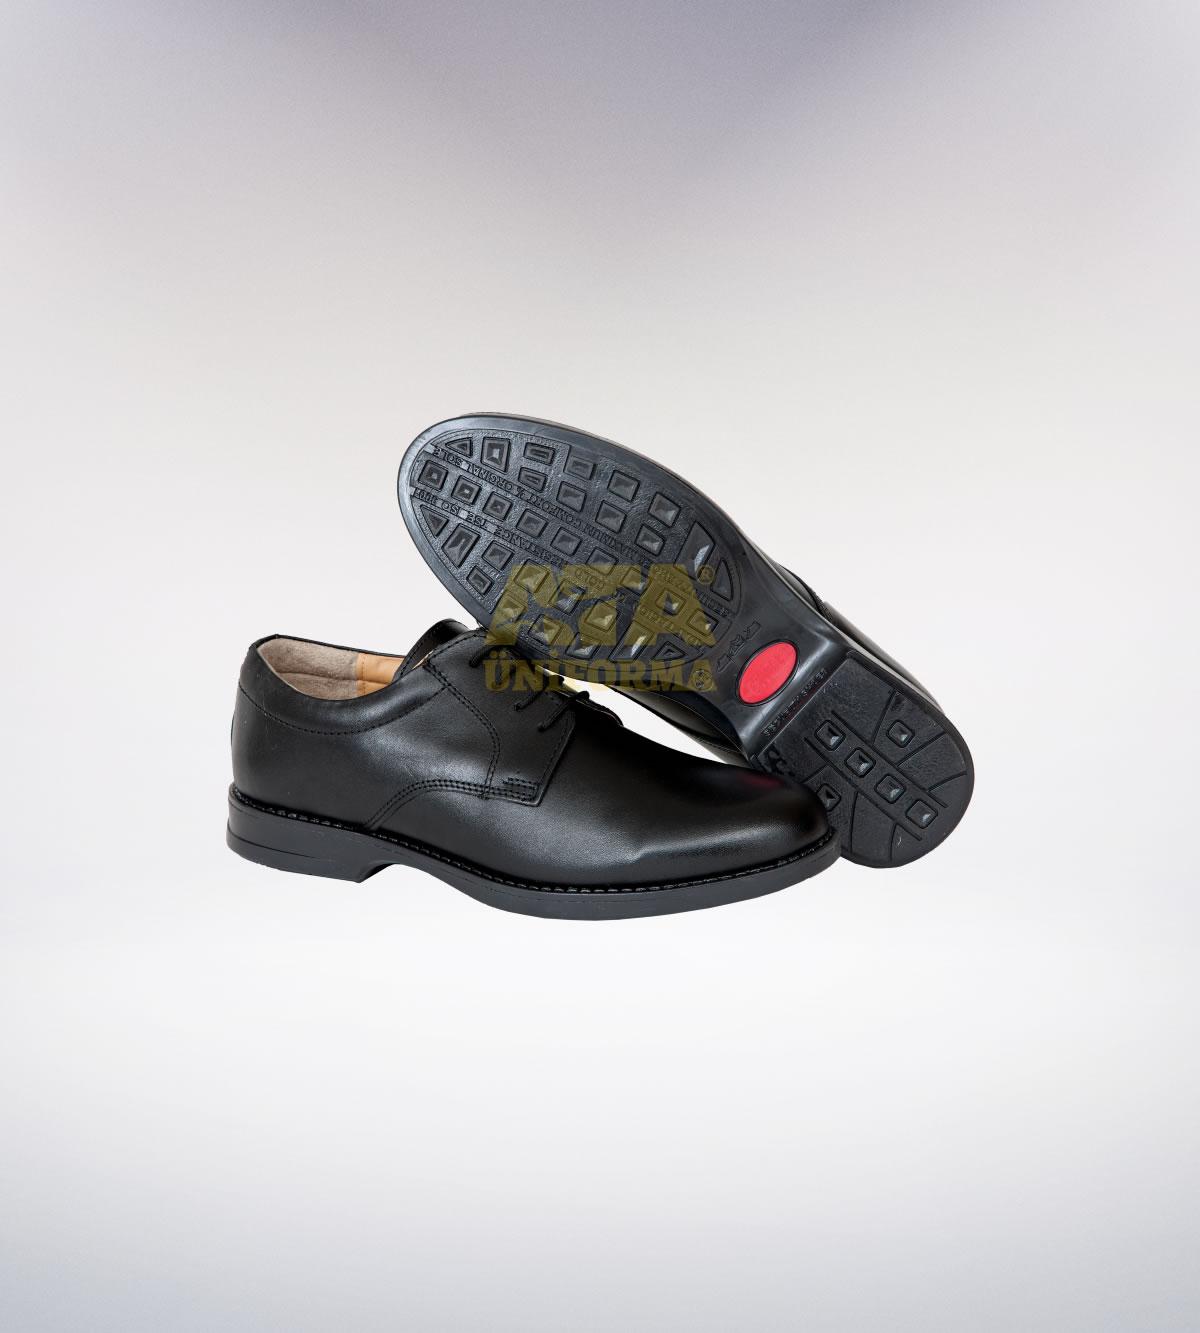 ATA-1064 İş çizme uzun pvc - iş ayakkabıları | iş çizmeleri